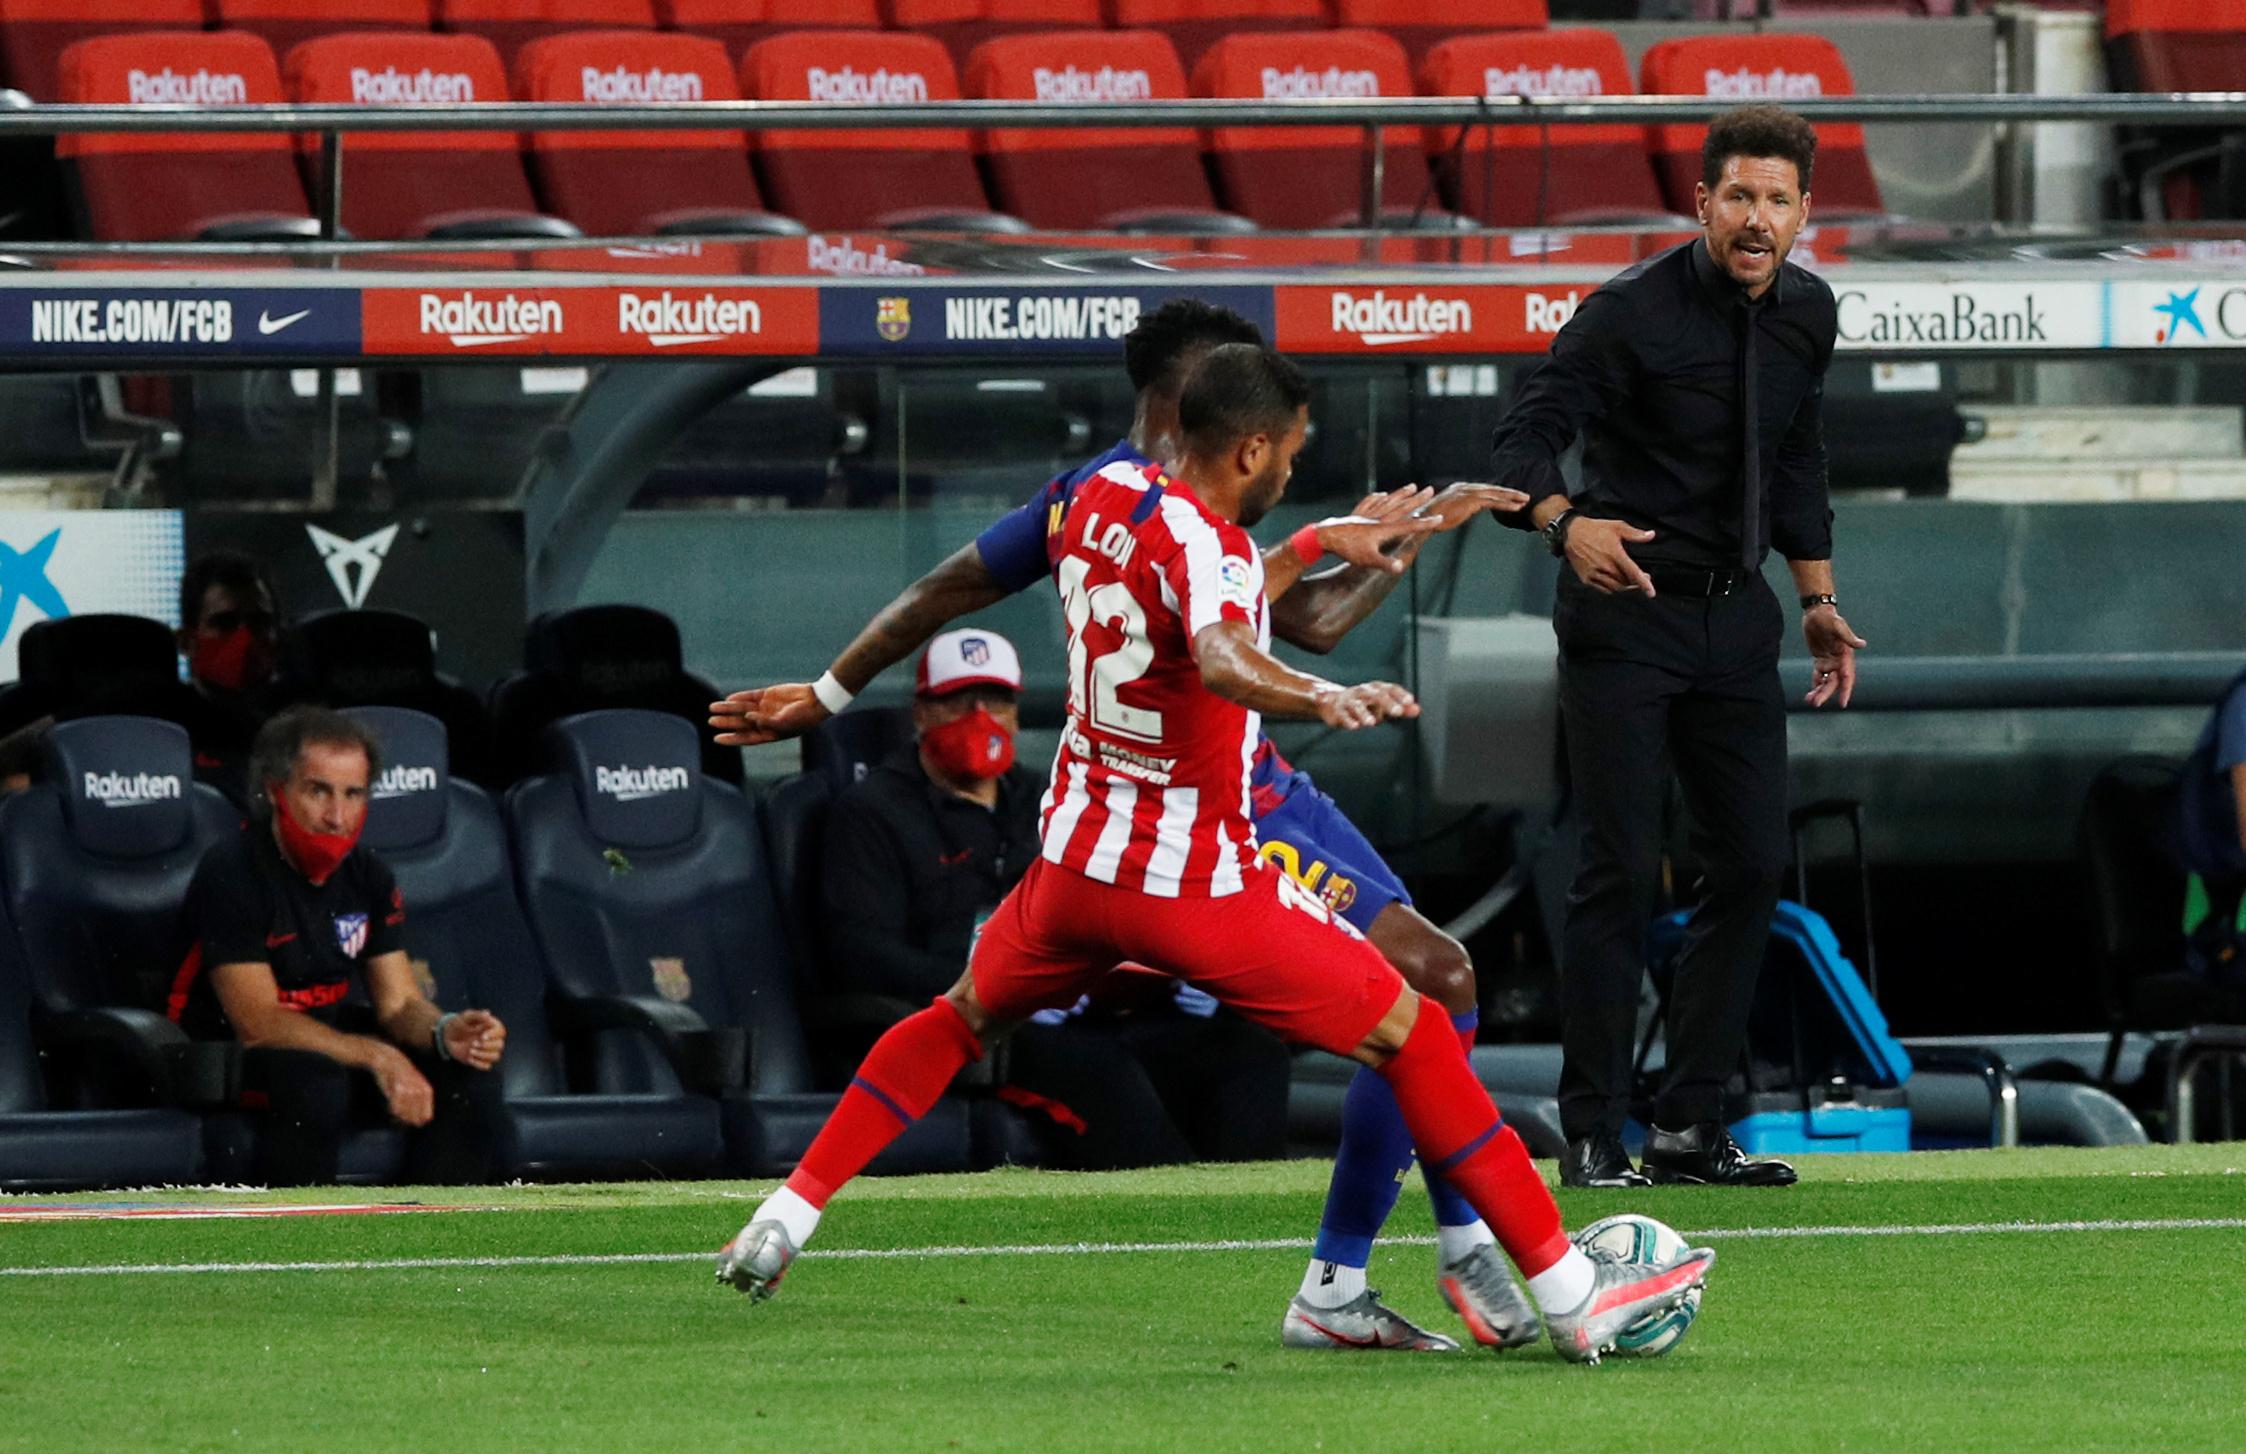 برشلونة ضد أتلتيكو مدريد (7)